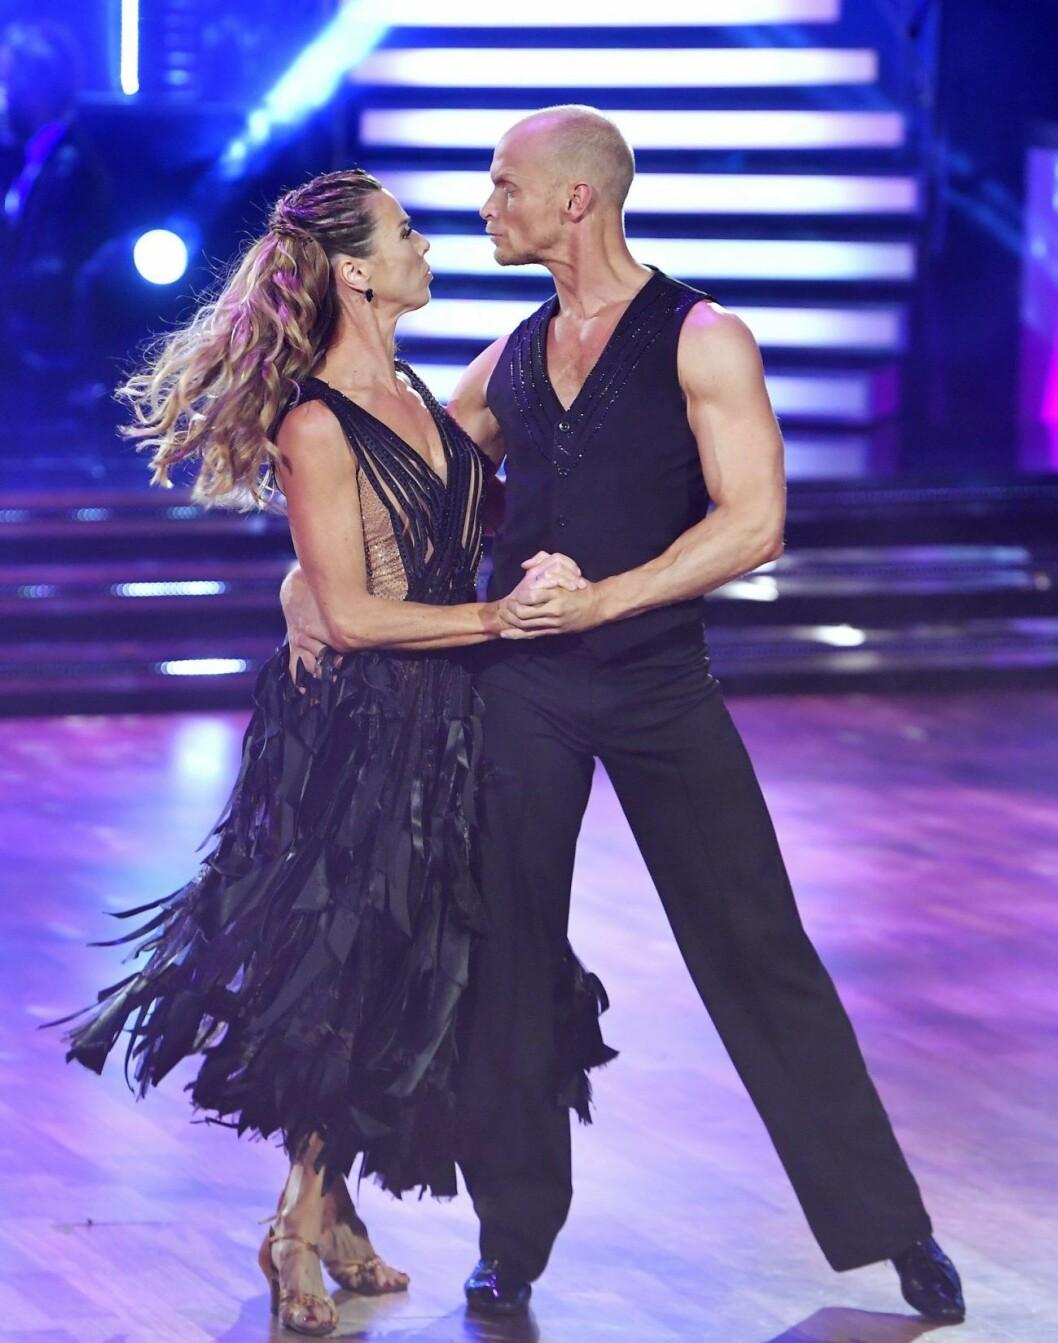 Förra året dansade skidskytten Magdalena Forsberg tillsammans med Tobias Karlsson i Let´s dance.